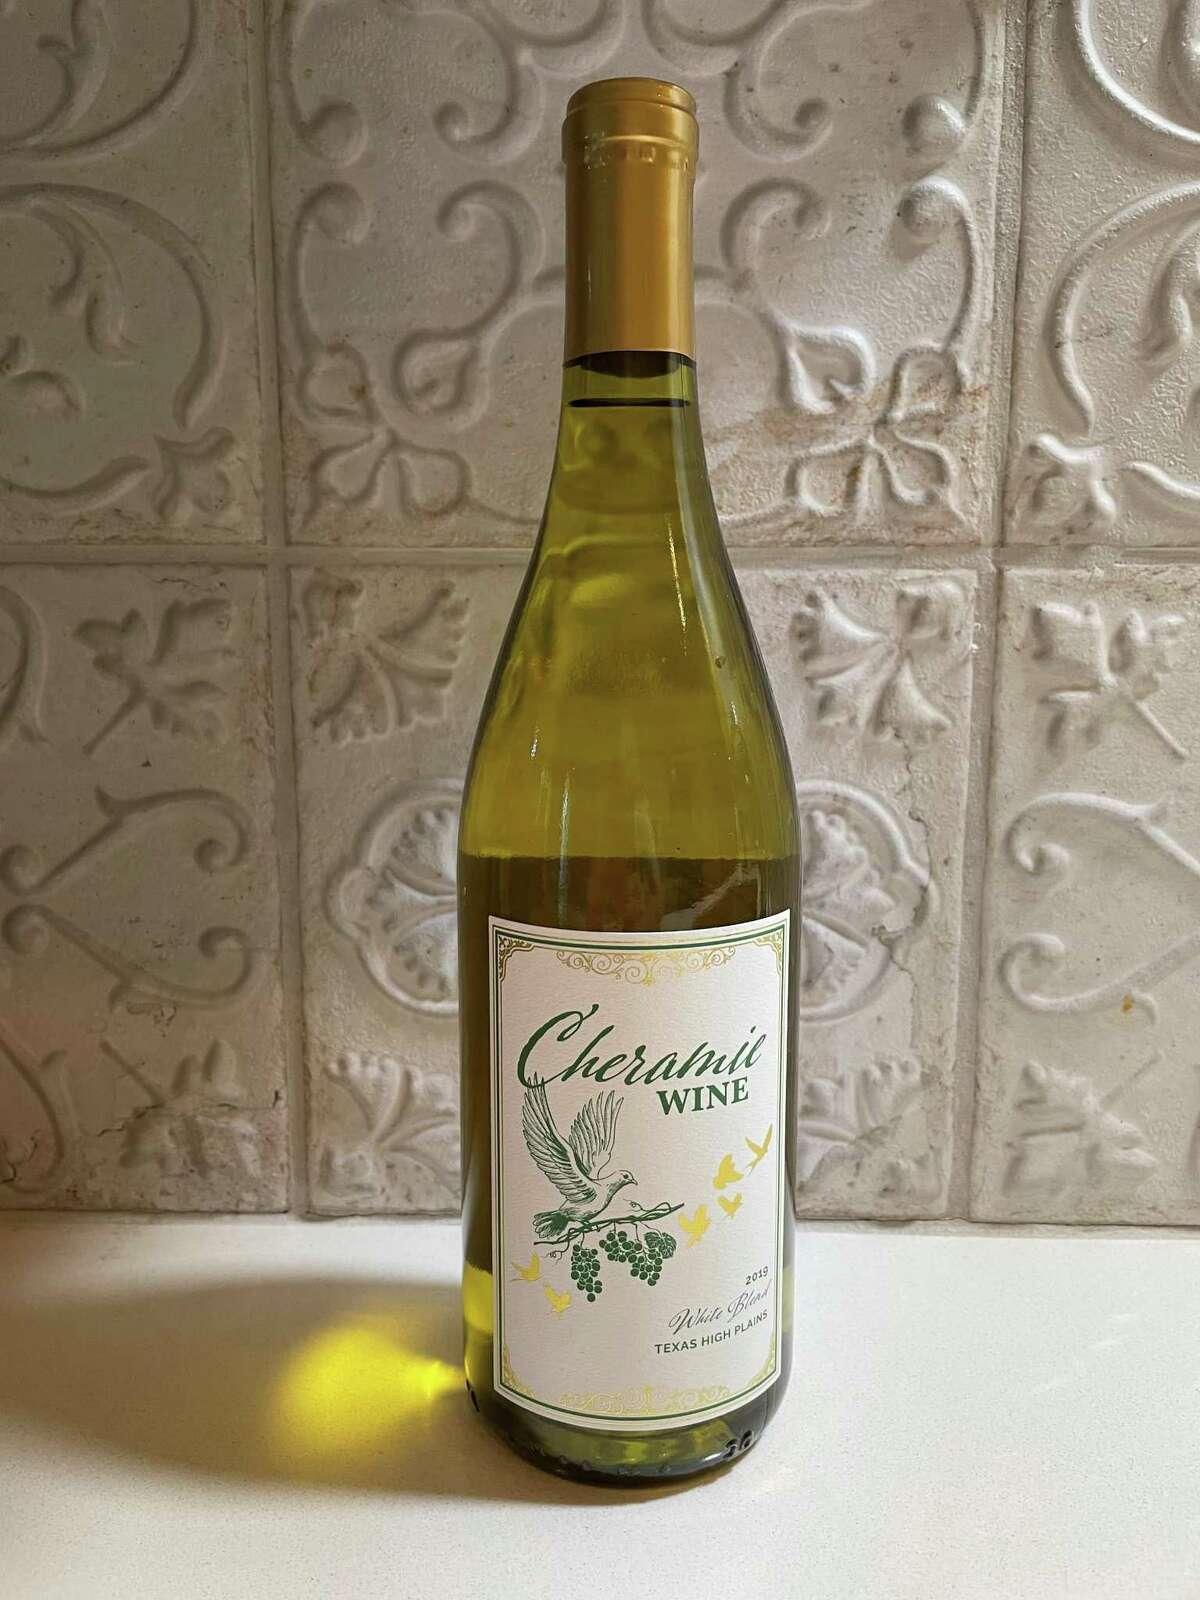 2019 Cheramie White Wine Blend